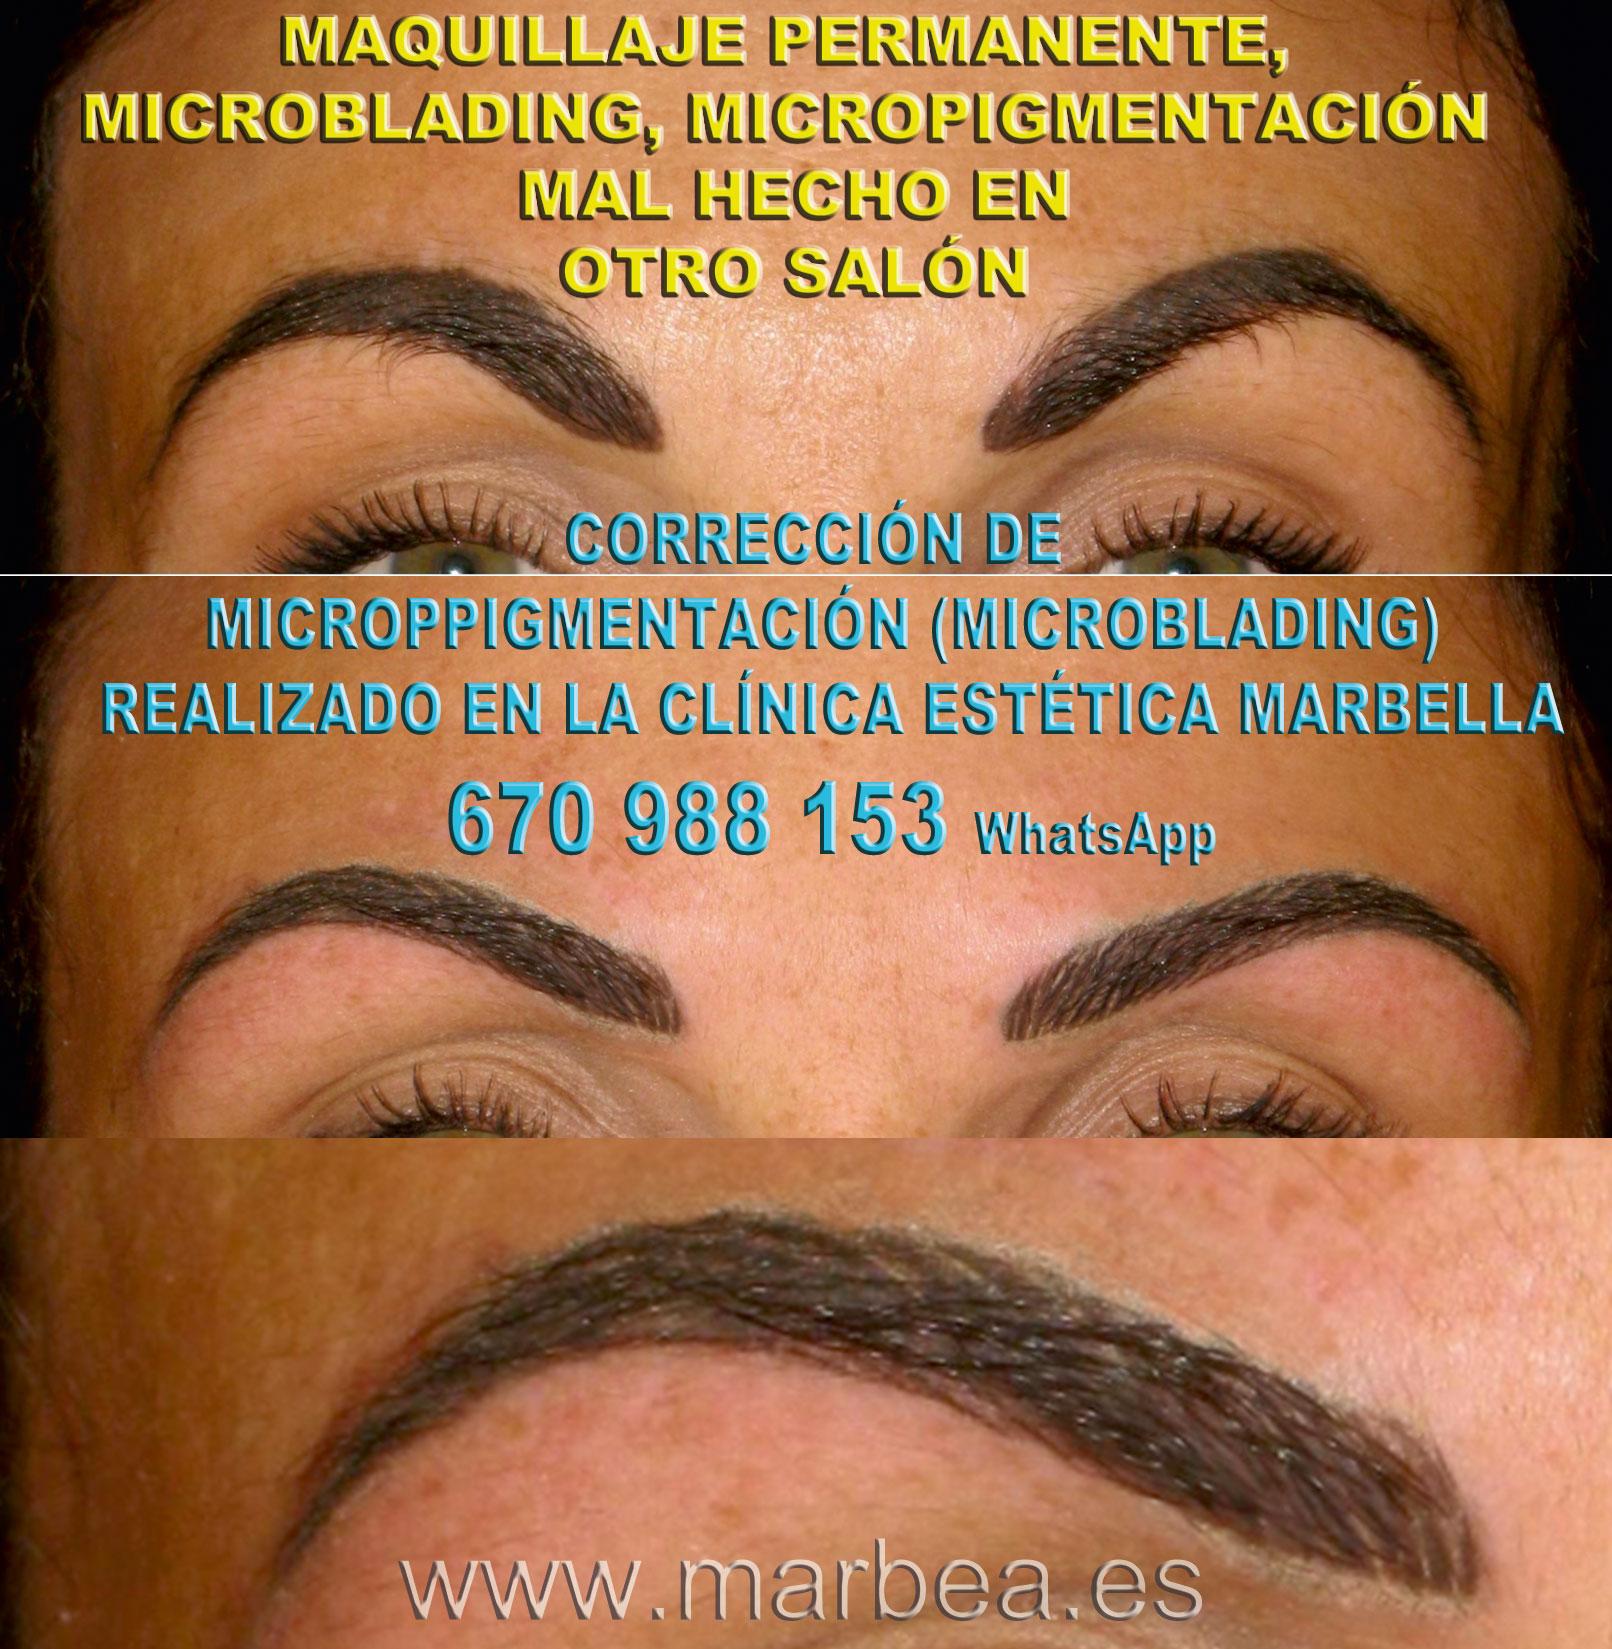 MAQUILLAJE PERMANENTE CEJAS MAL HECHO clínica estética maquillaje semipermanente entrega eliminar la micropigmentación de cejas,micropigmentación correctiva cejas mal hecha